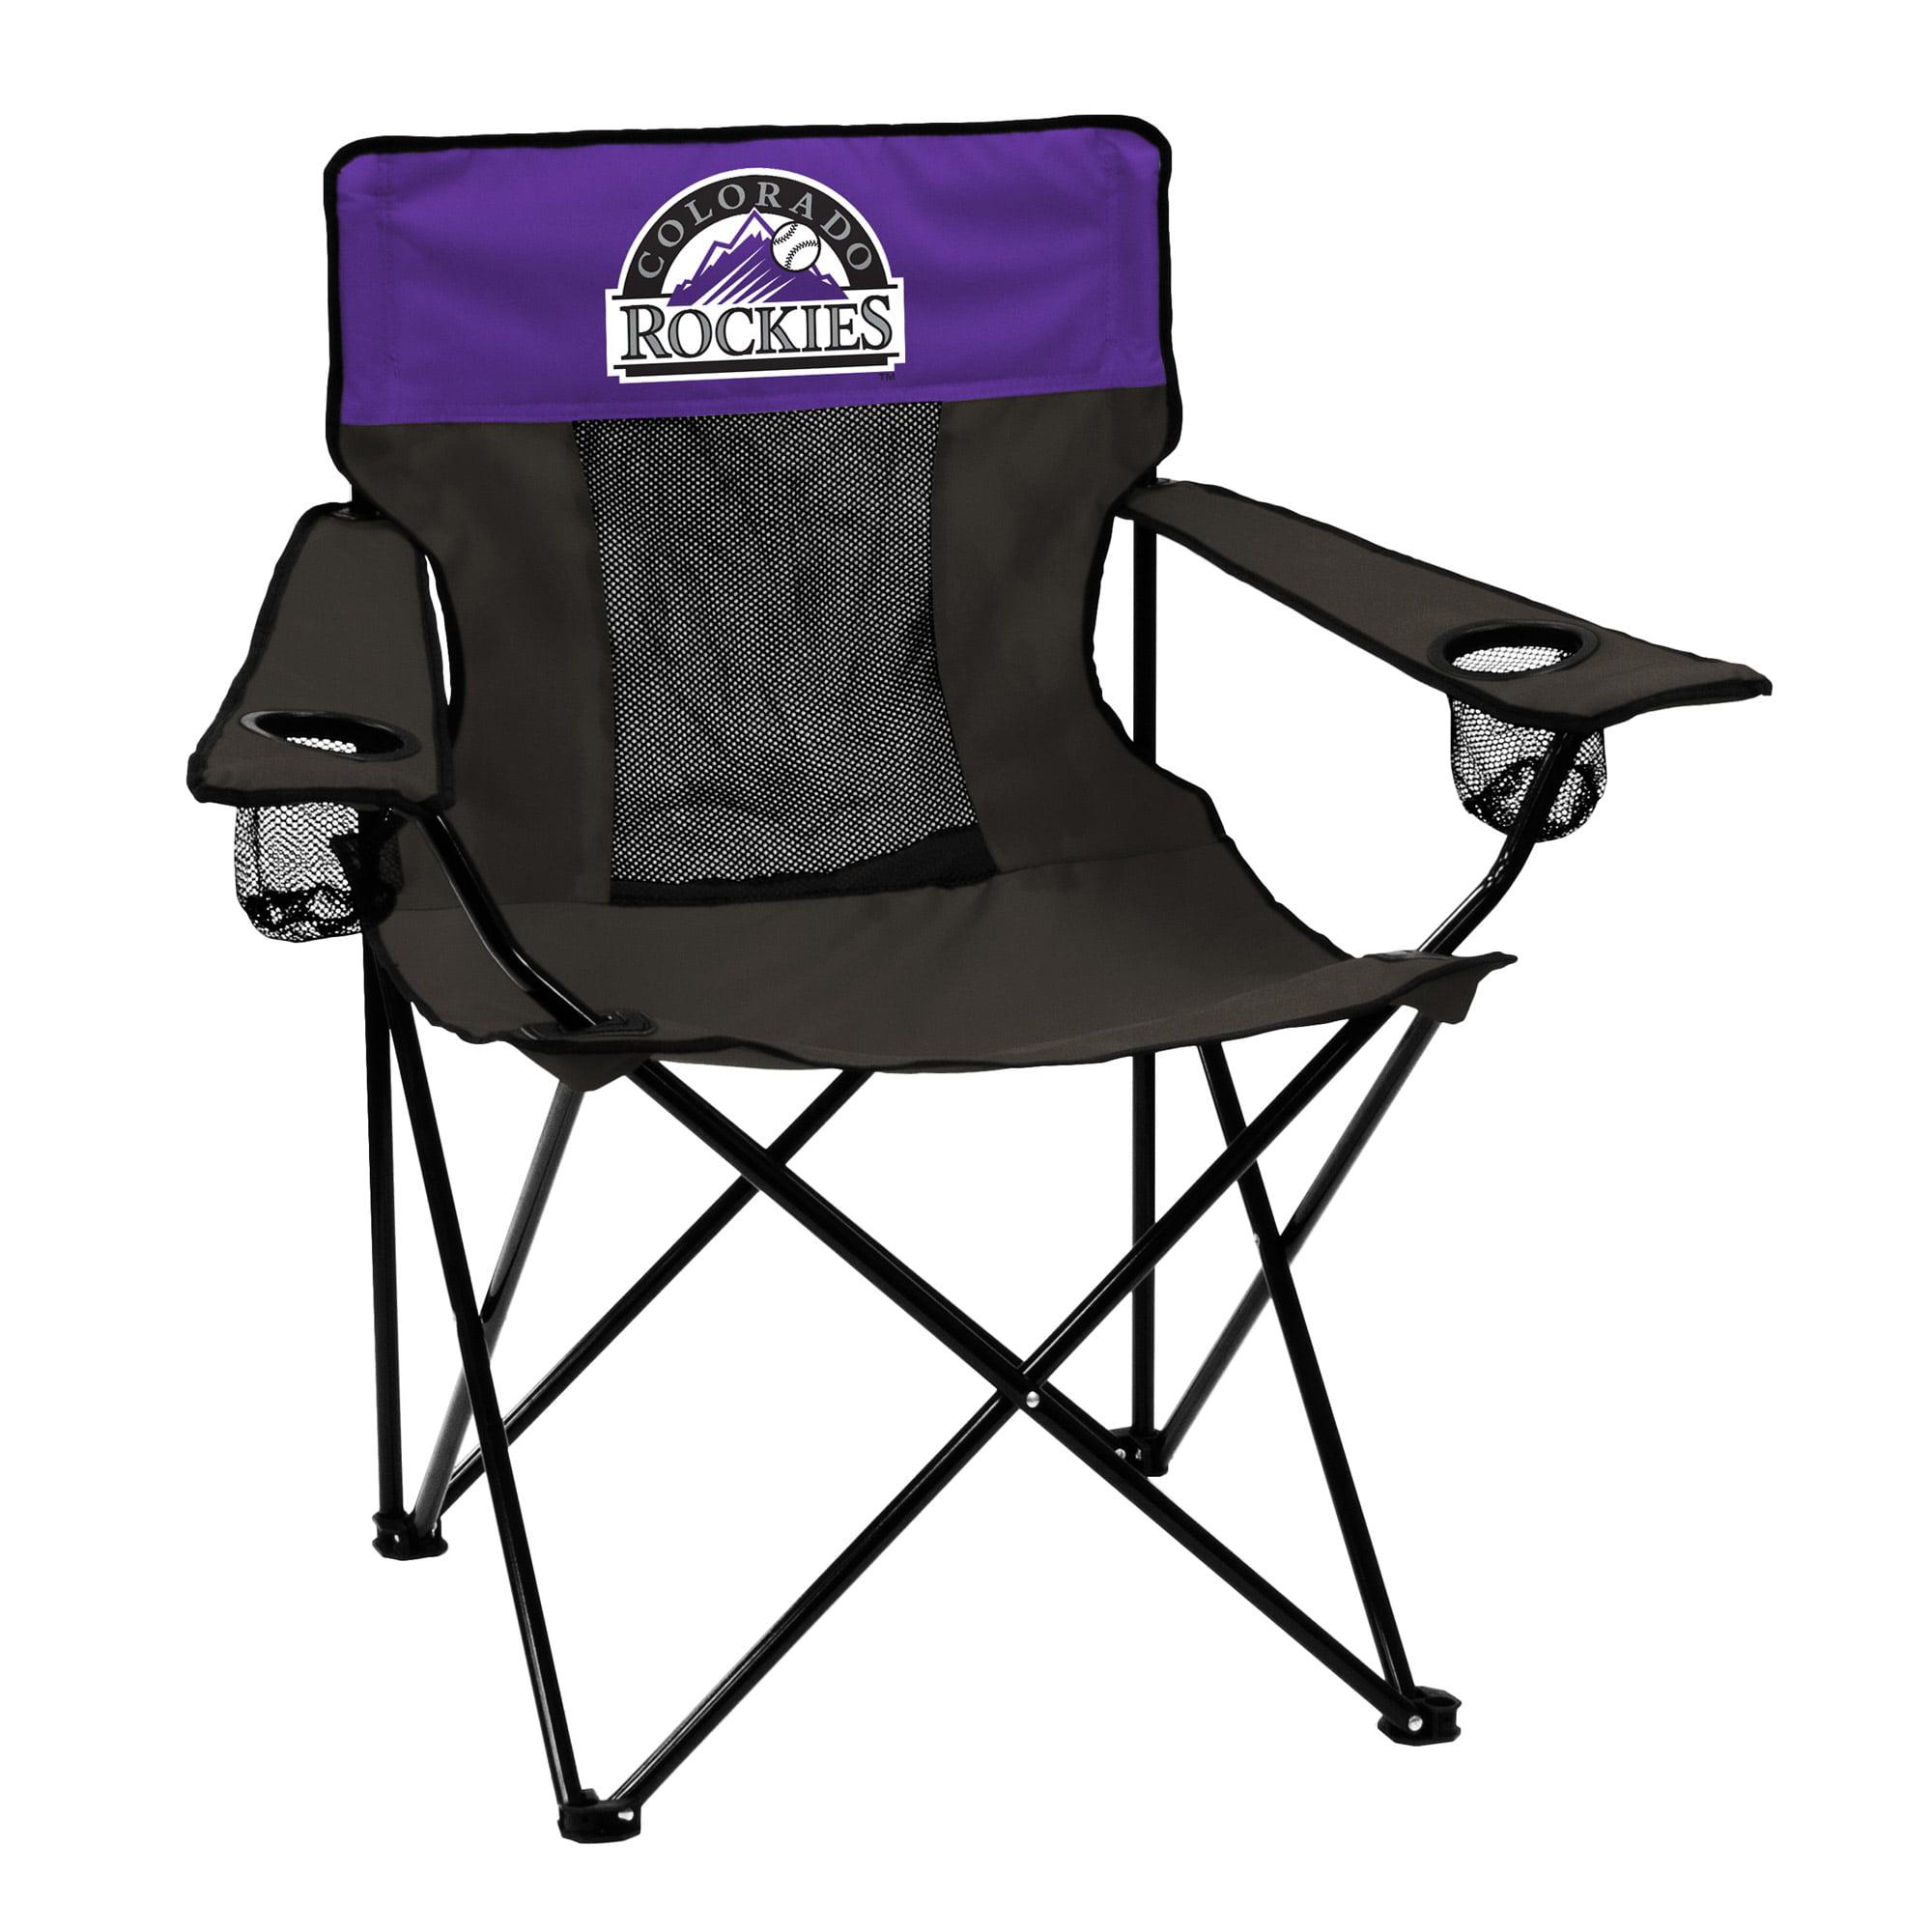 Colorado Rockies Elite Chair - No Size